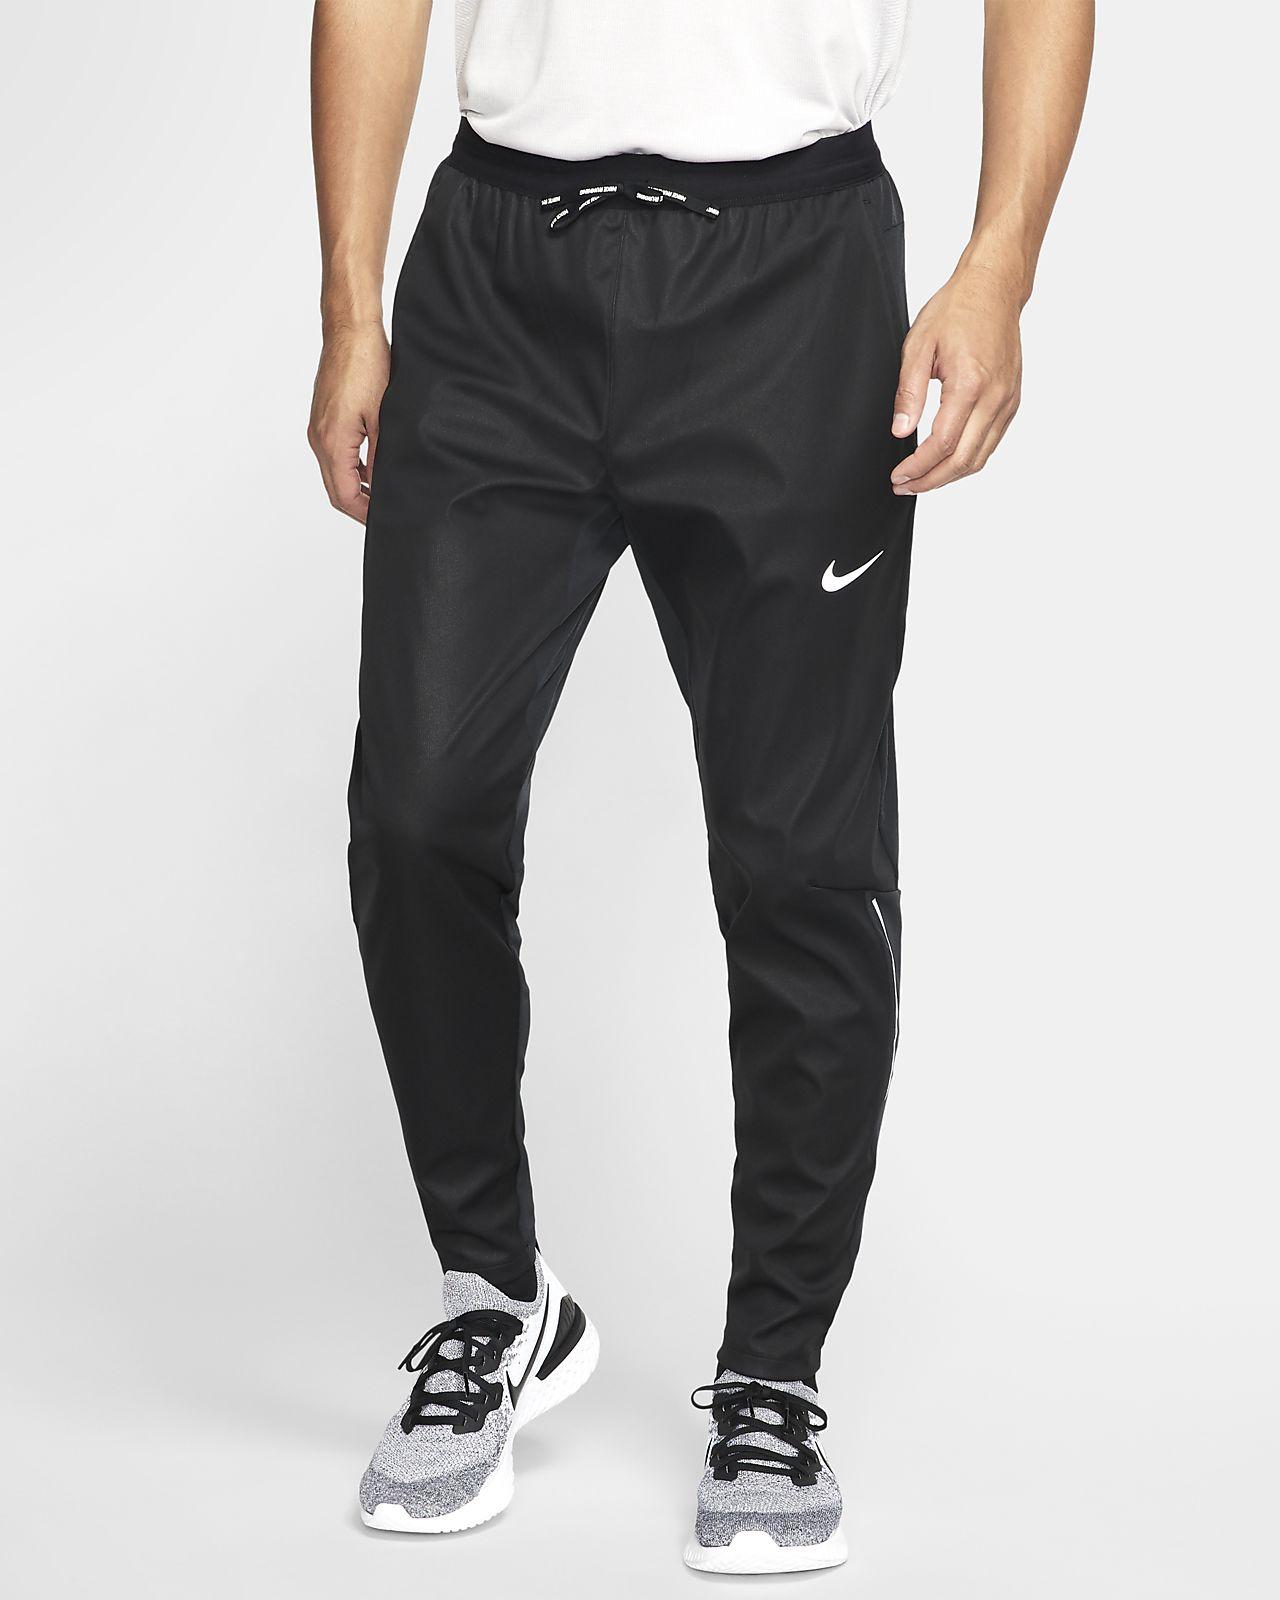 Pantalones de running para hombre Nike Shield Phenom